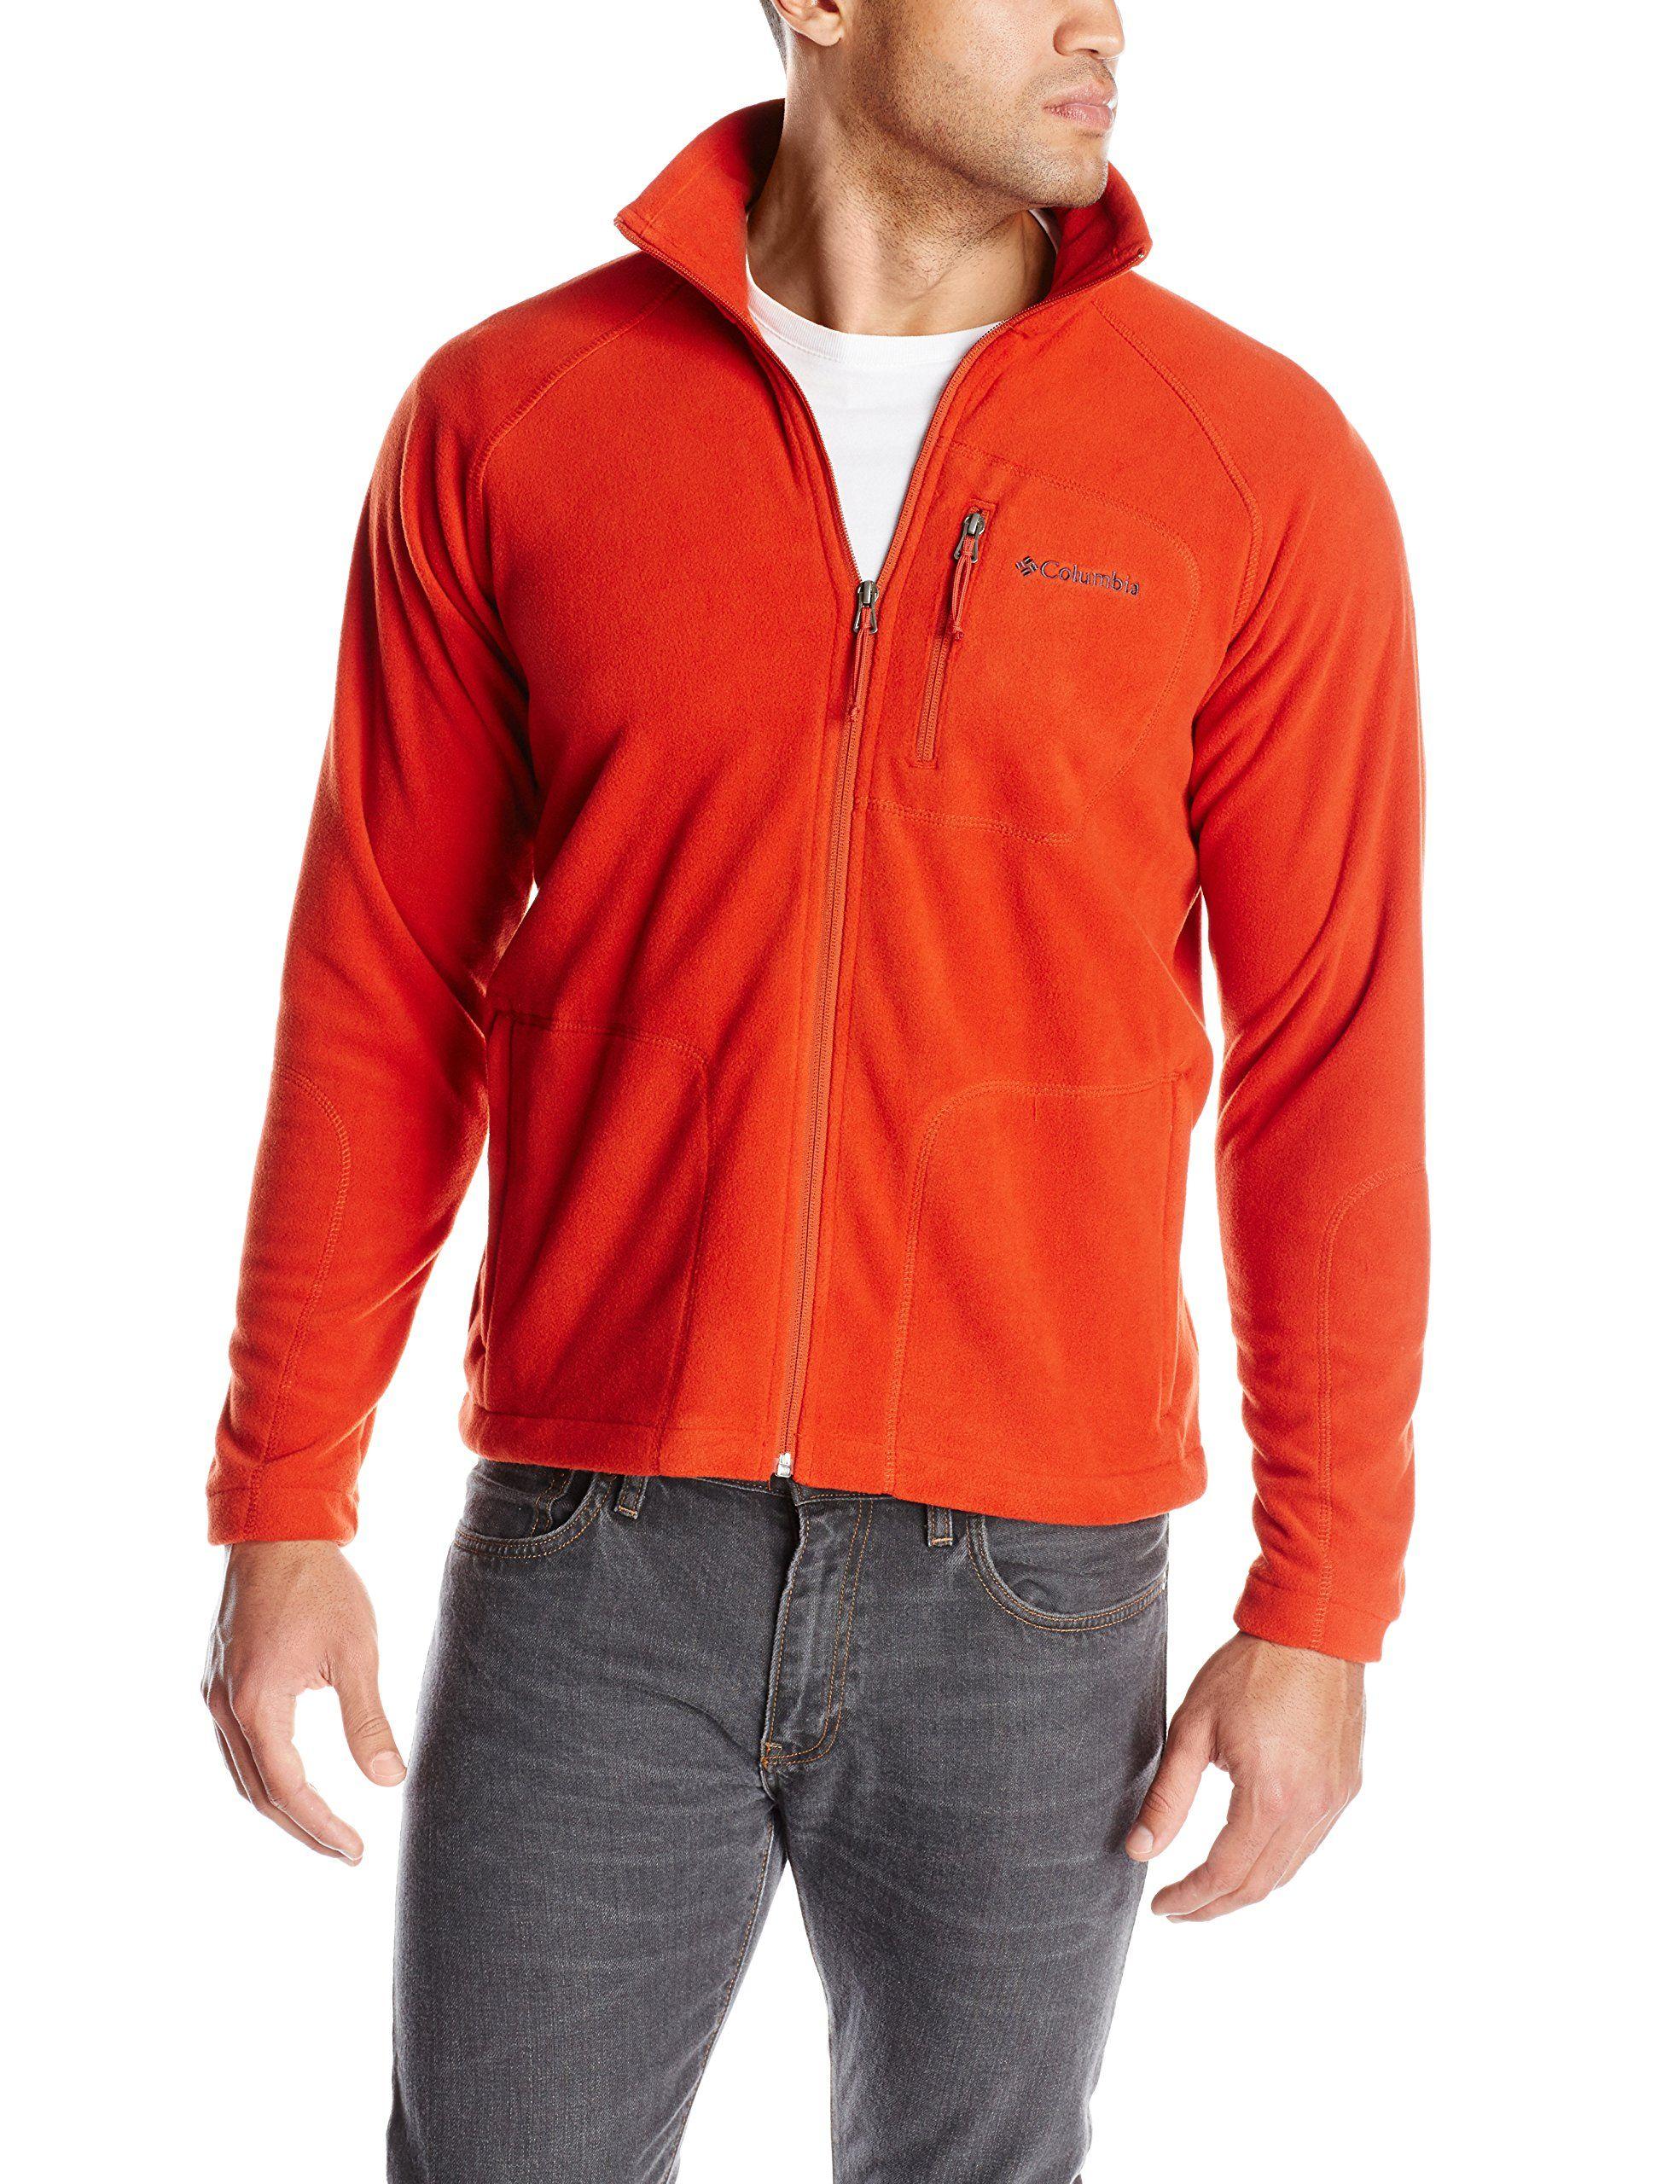 0c5eb8c8 Cover: Columbia Men's Fast Trek Ii Full Zip Fleece, Flame Sweet in its  simplicity